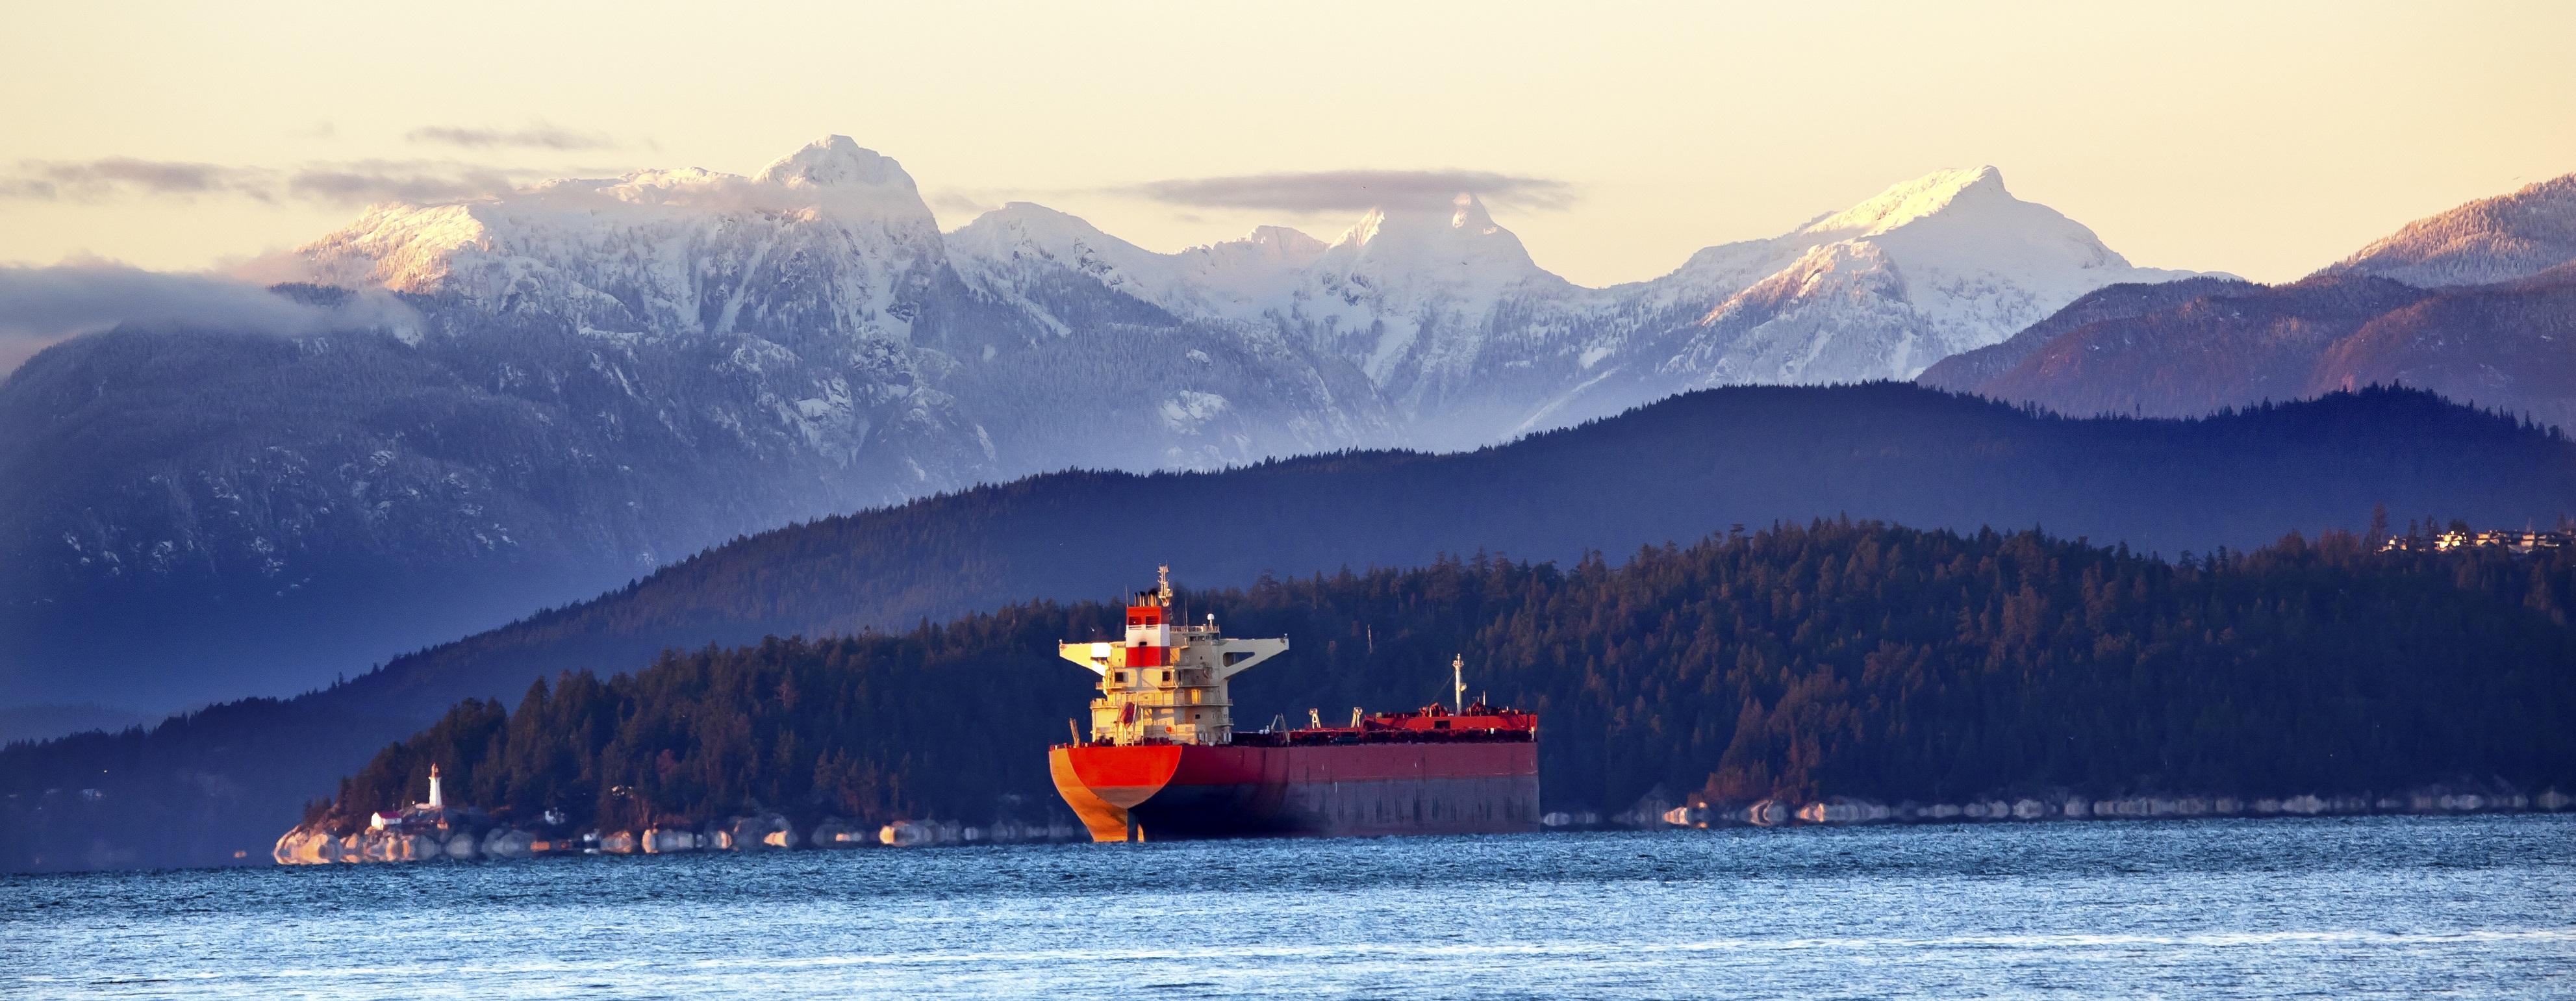 Understanding Risk Vancouver 2017